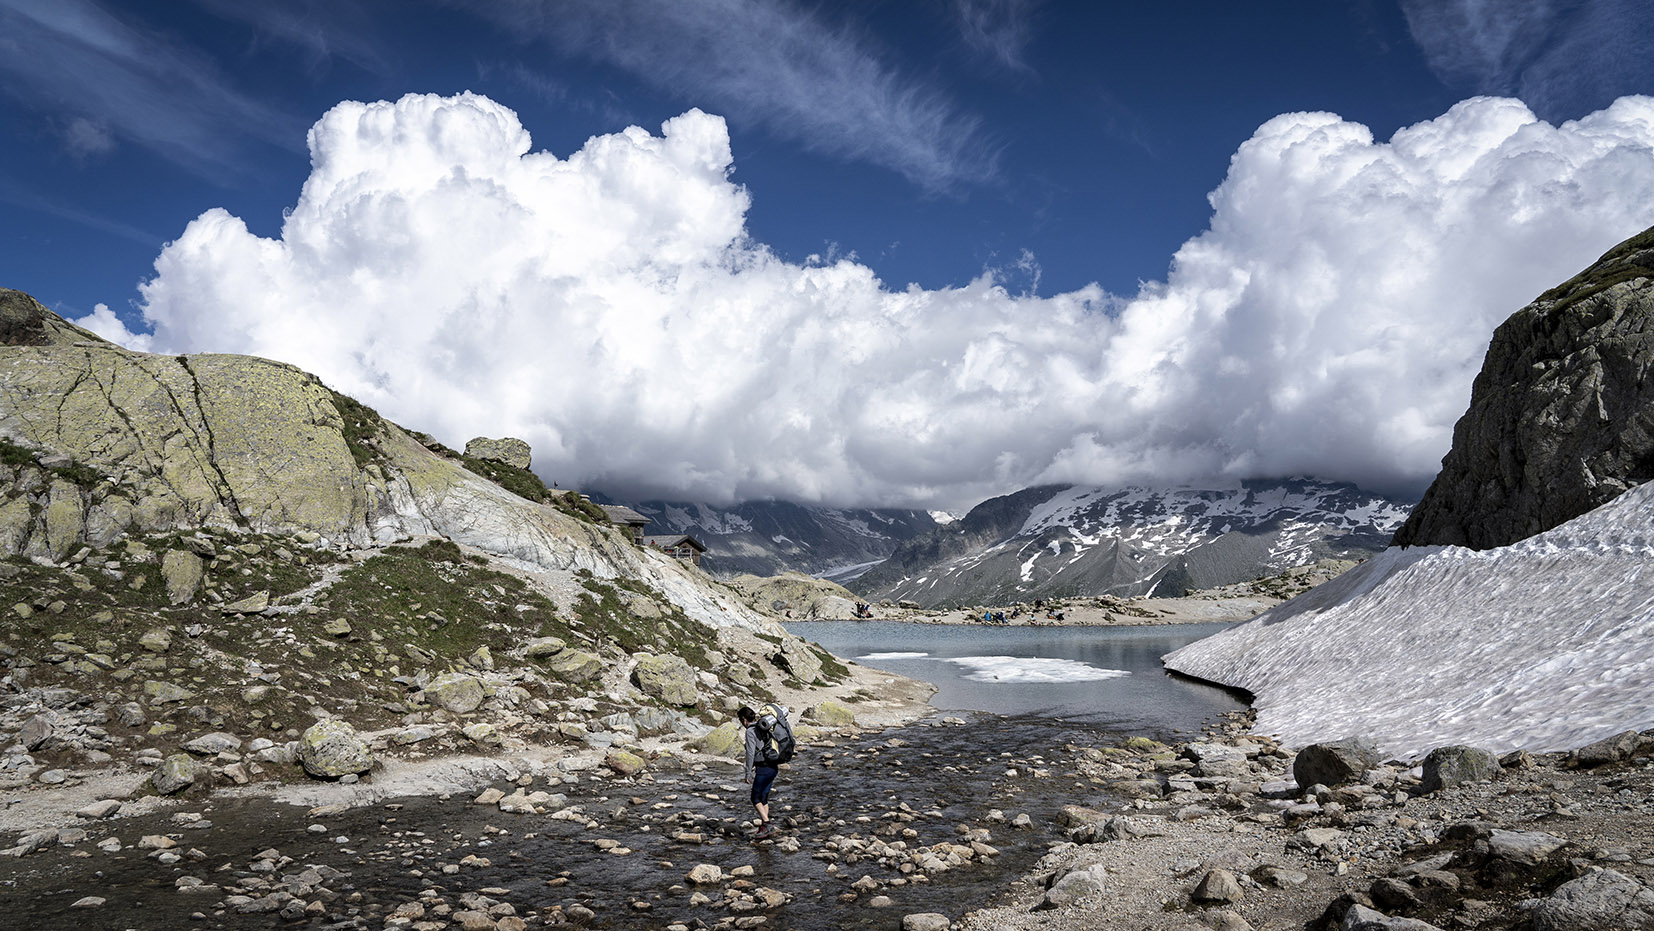 randonnée lac Blanc collier nuages neige sentier